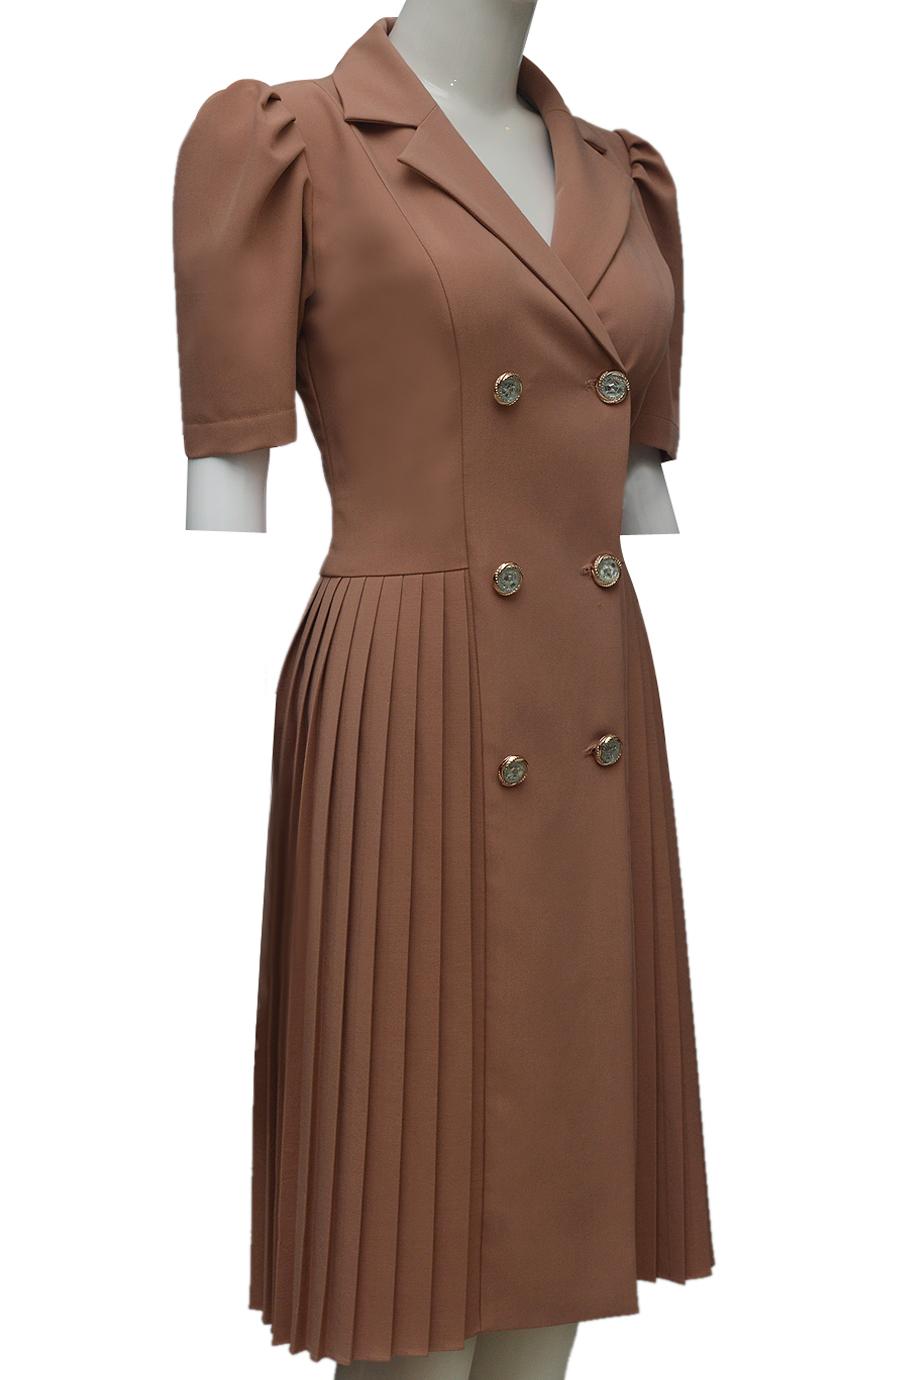 Váy xếp ly ELMI thời trang cao cấp màu be EV51